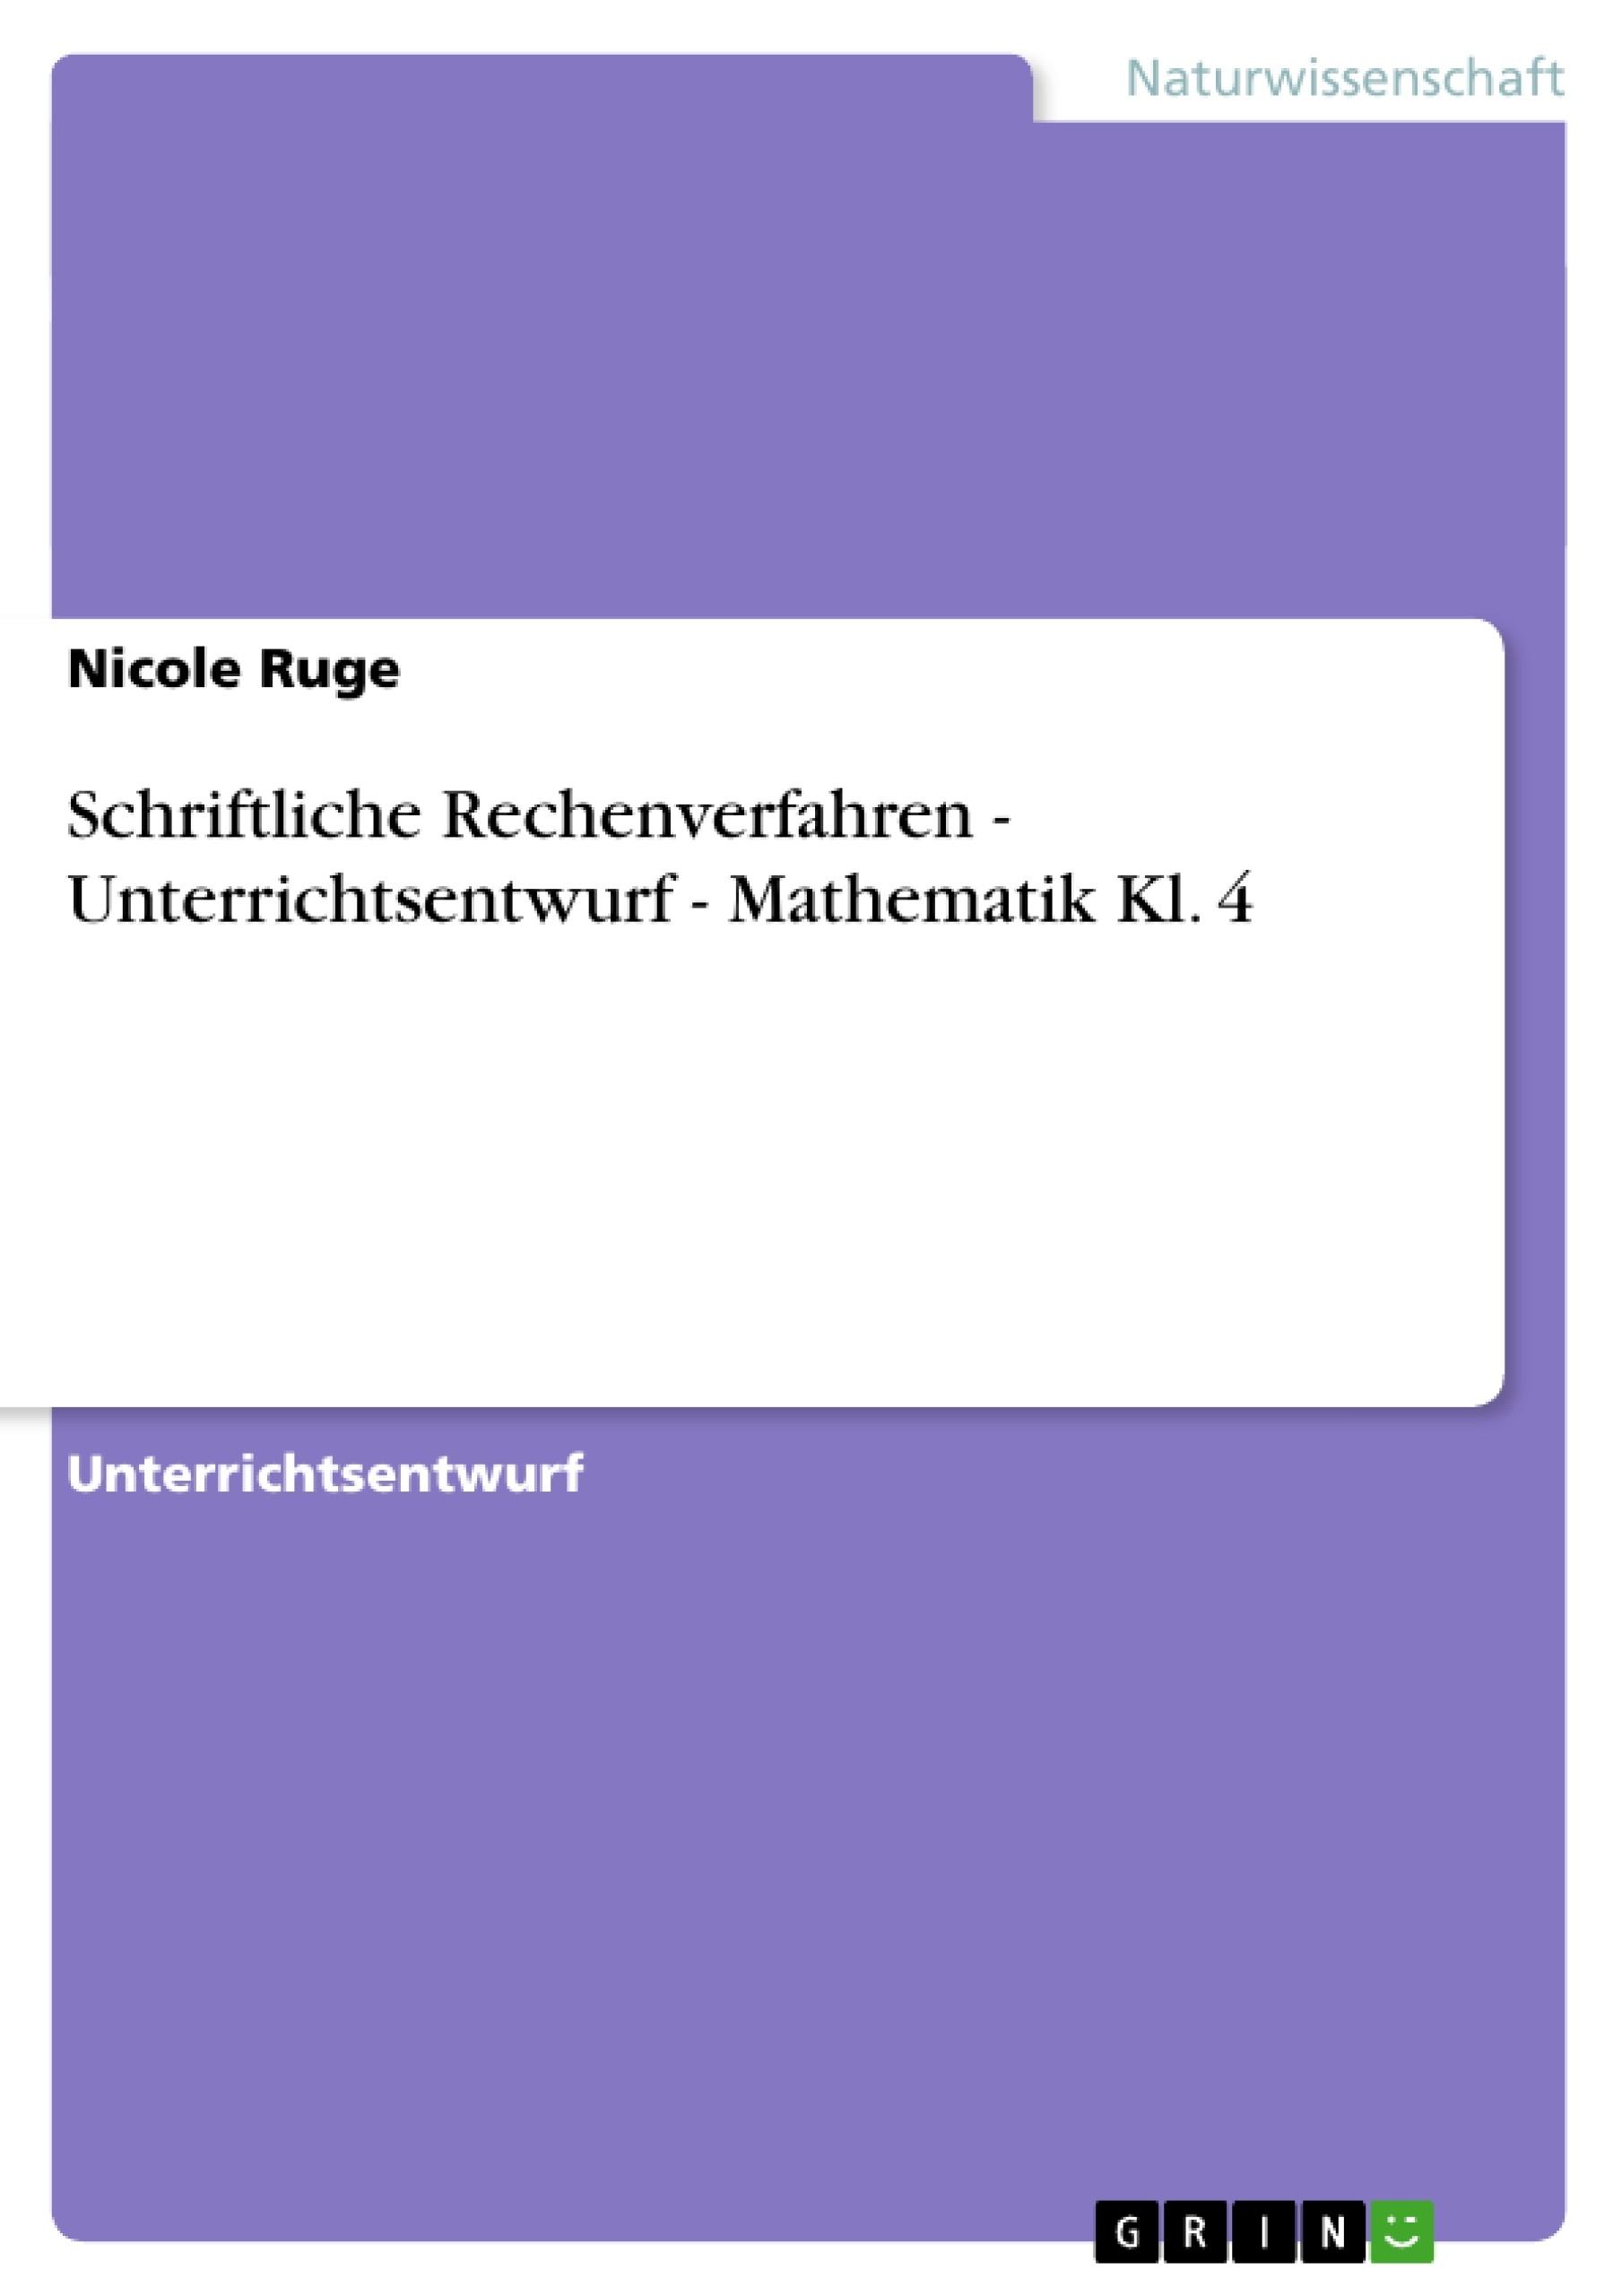 Titel: Schriftliche Rechenverfahren - Unterrichtsentwurf - Mathematik Kl. 4